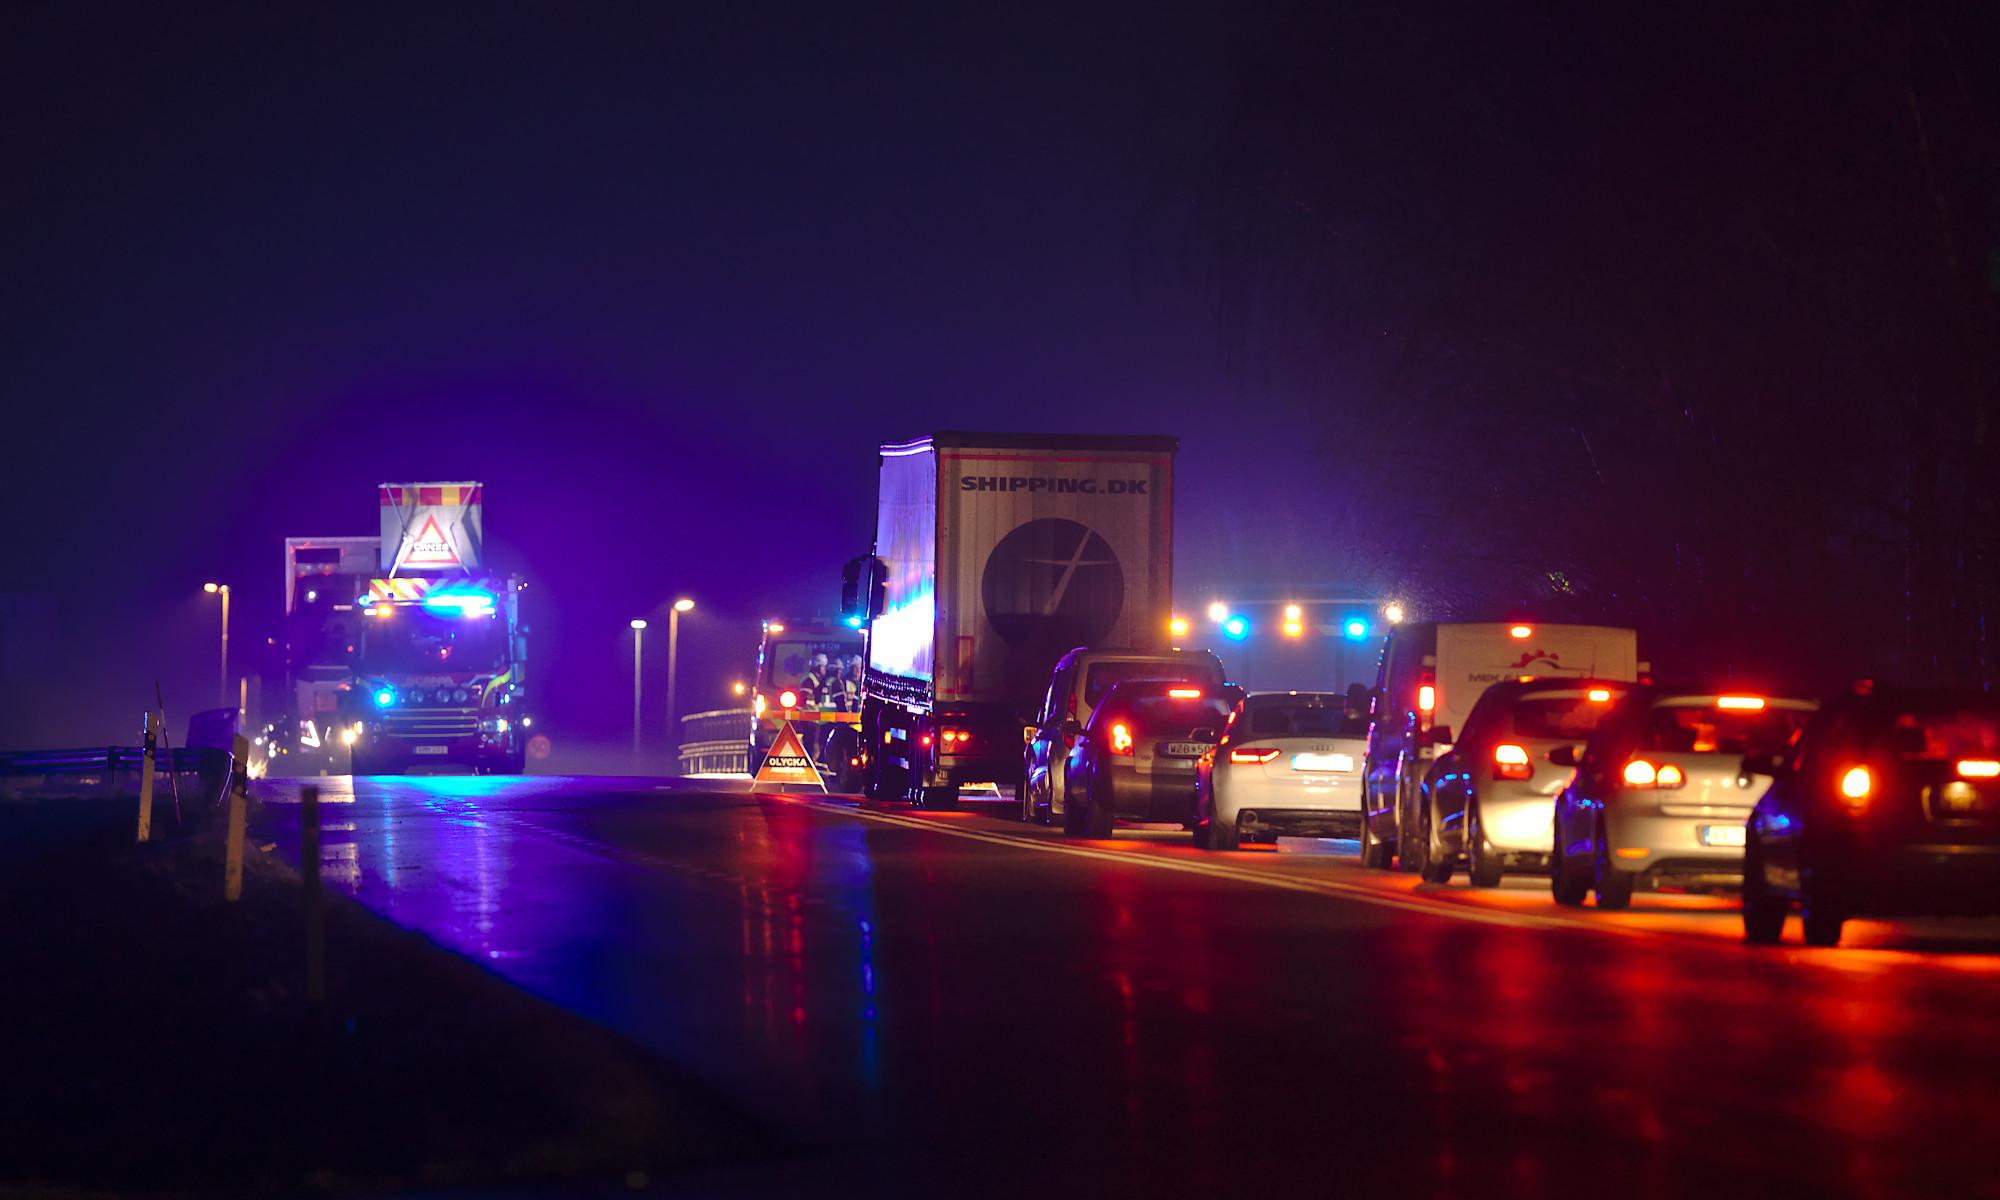 Trafikolycka vid Norra Varalöv en regnig natt